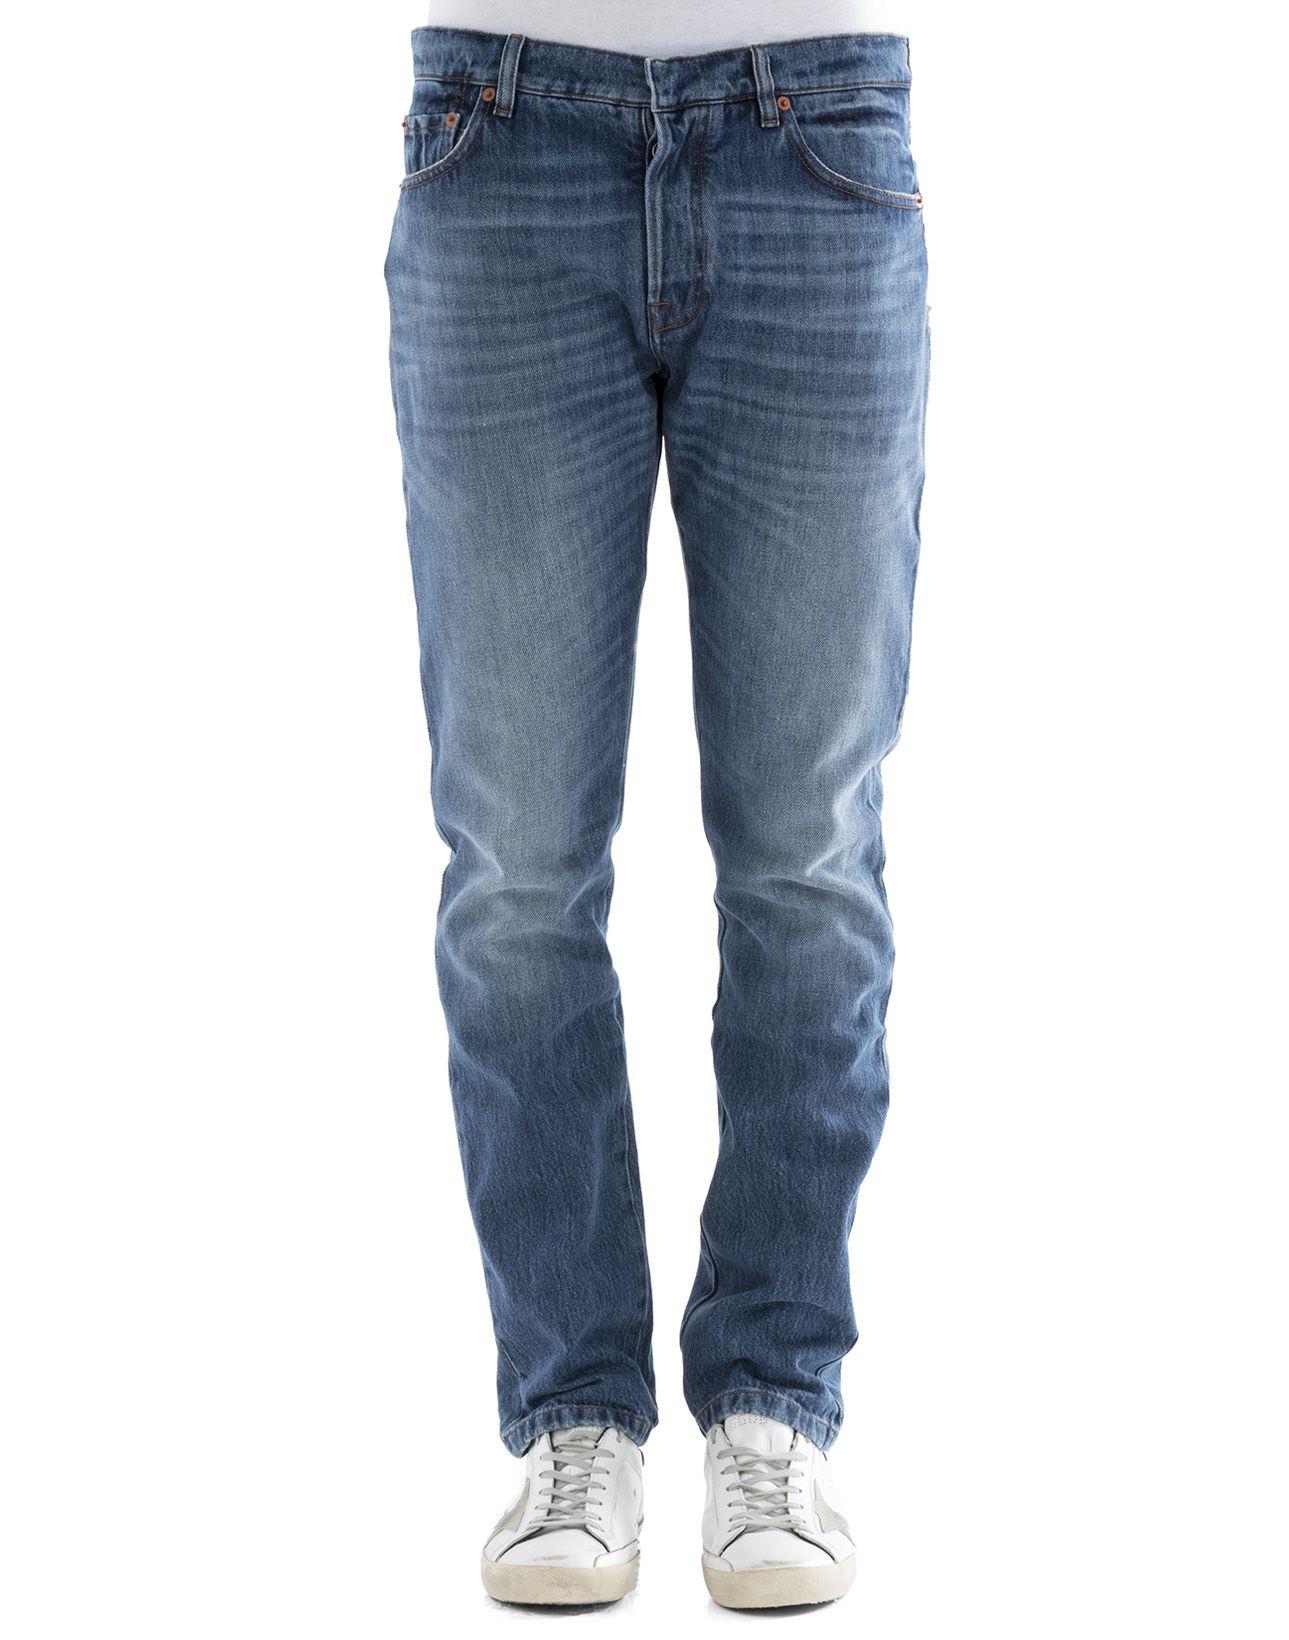 Blue Cotton Jeans 8359813